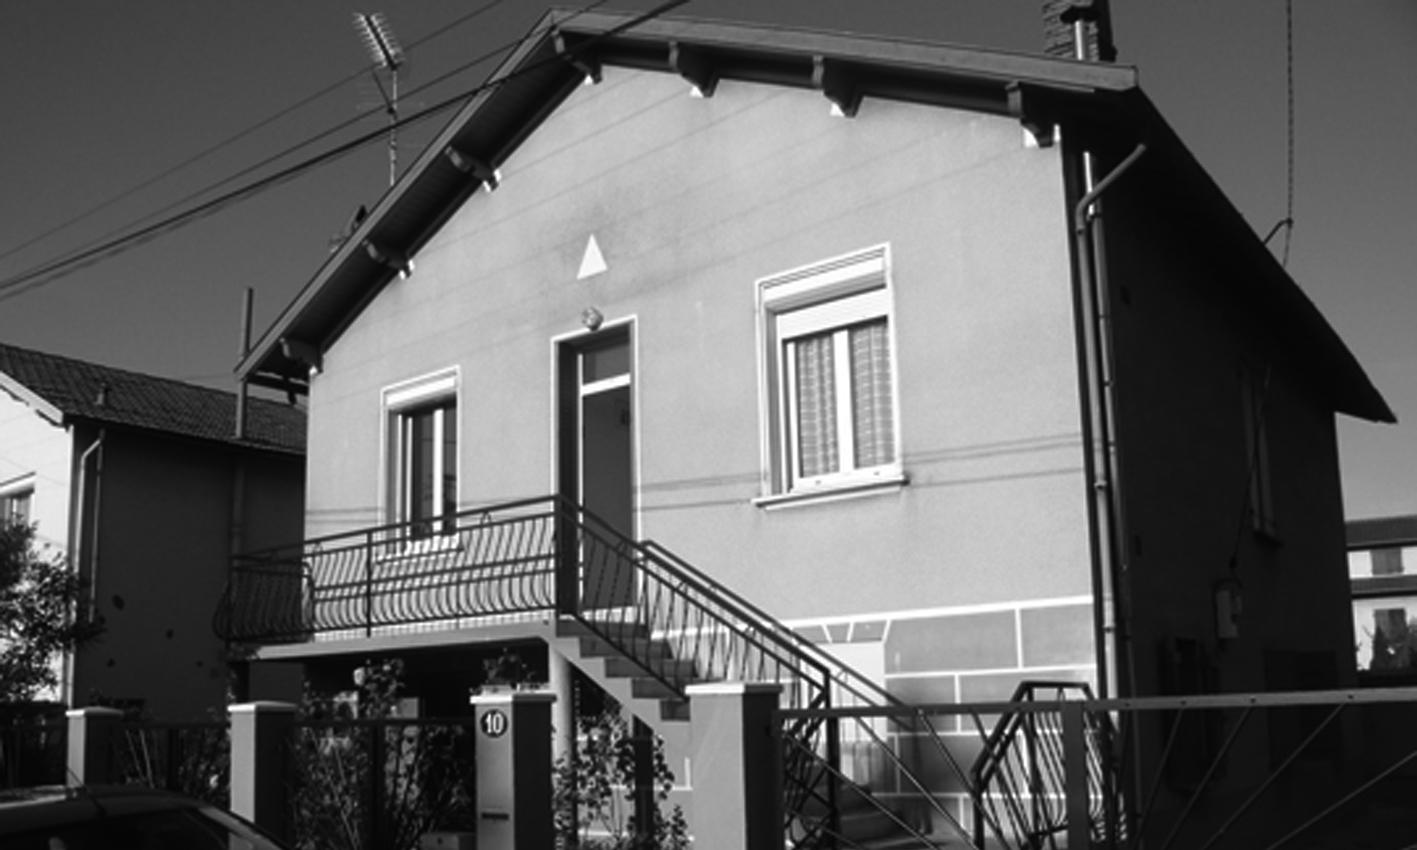 Architecte pour renovation maison ancienne annuaire des for Annuaire architecte paris